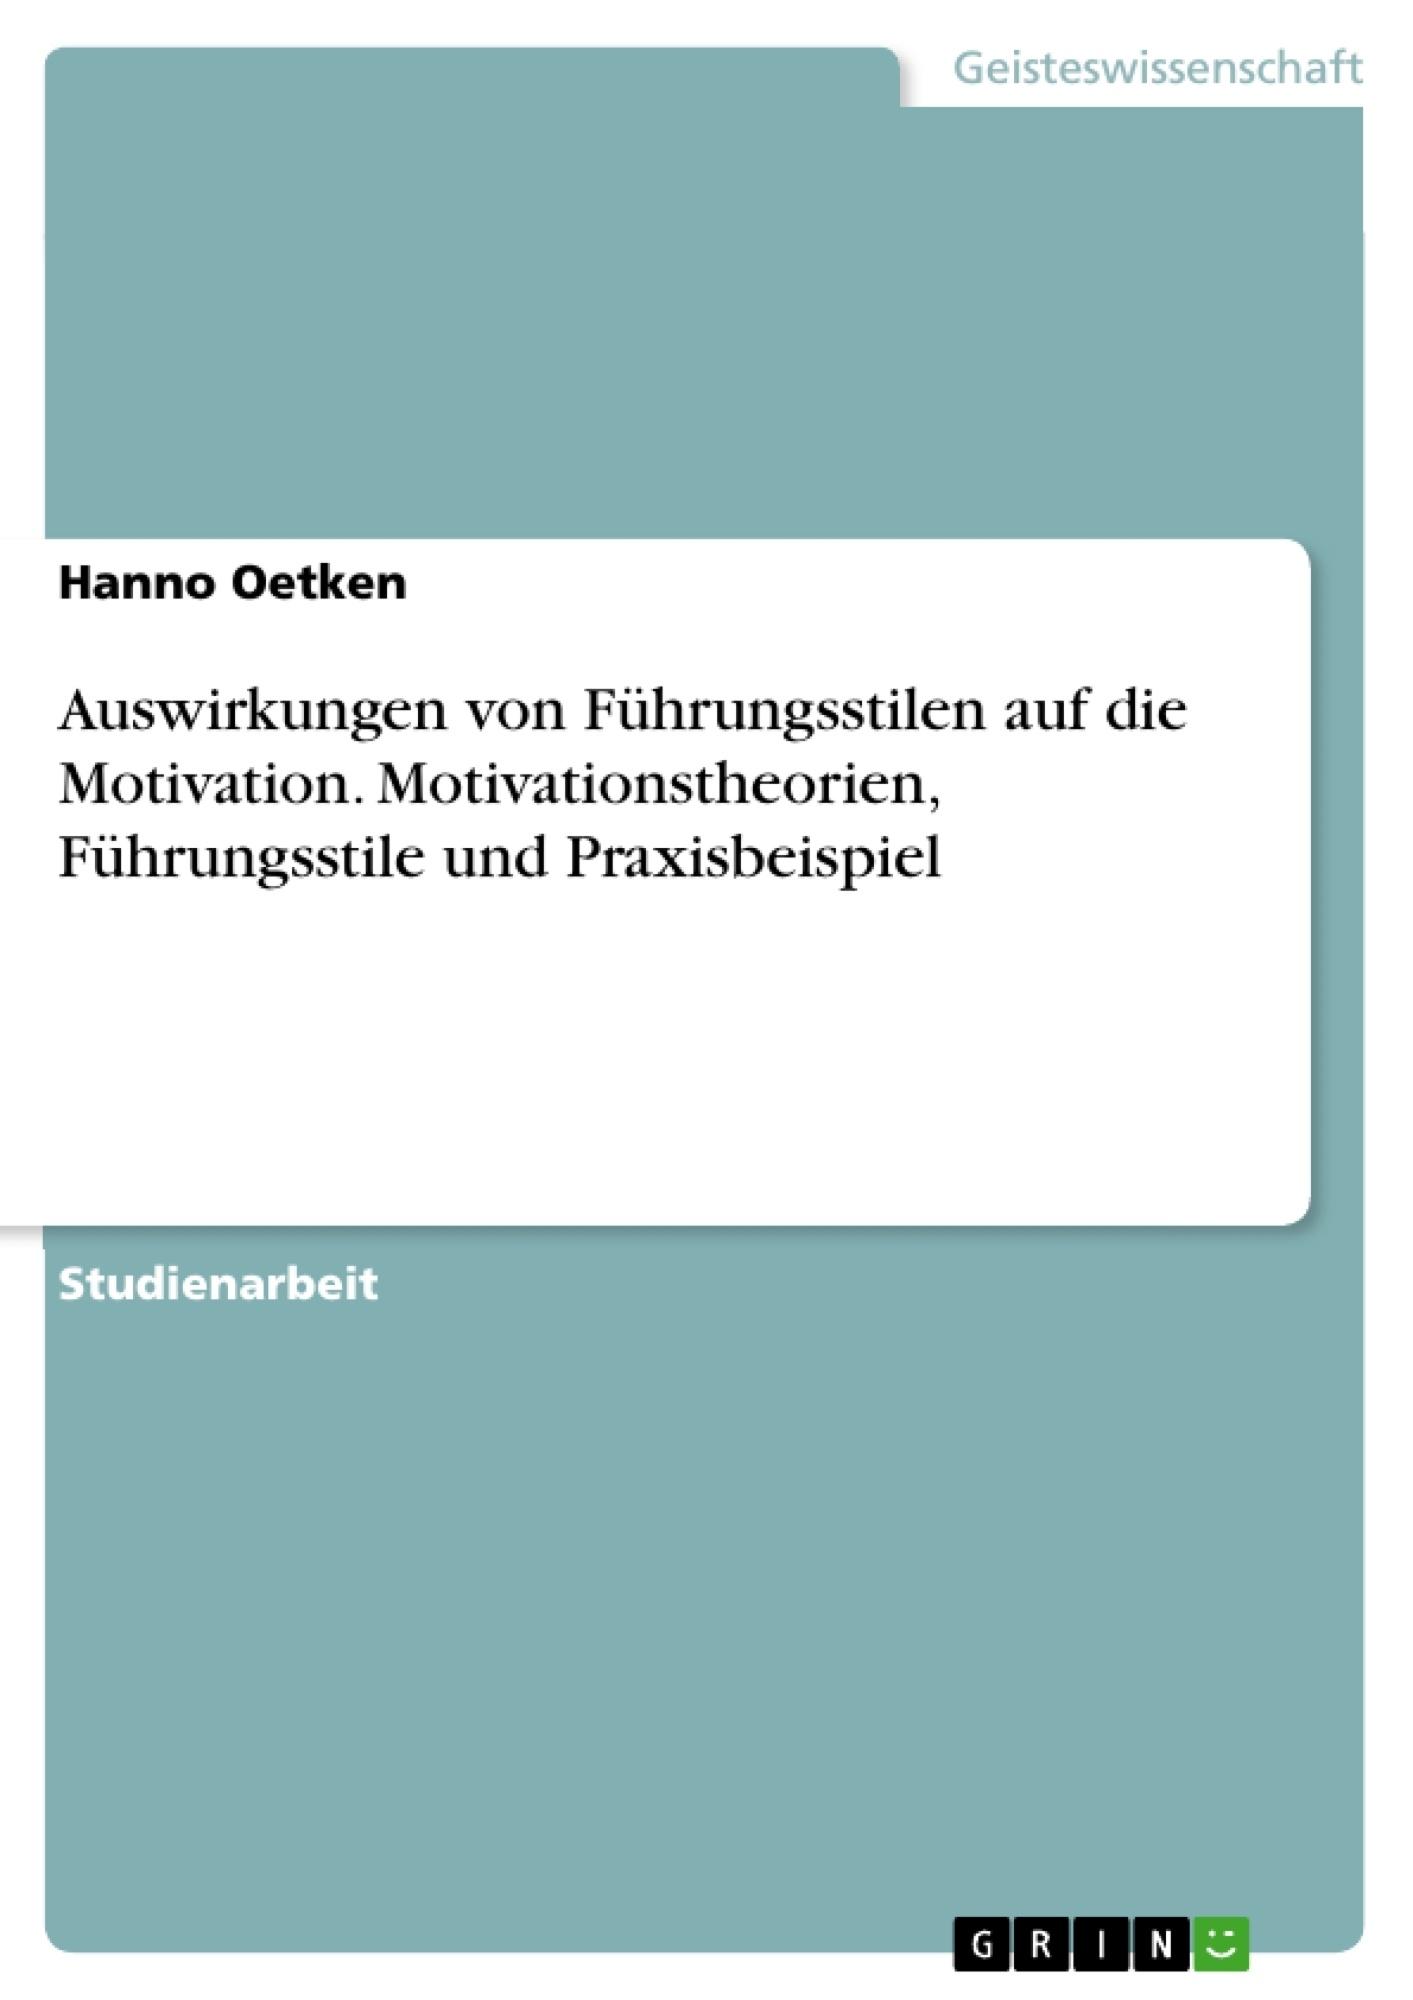 Titel: Auswirkungen von Führungsstilen auf die Motivation. Motivationstheorien, Führungsstile und Praxisbeispiel